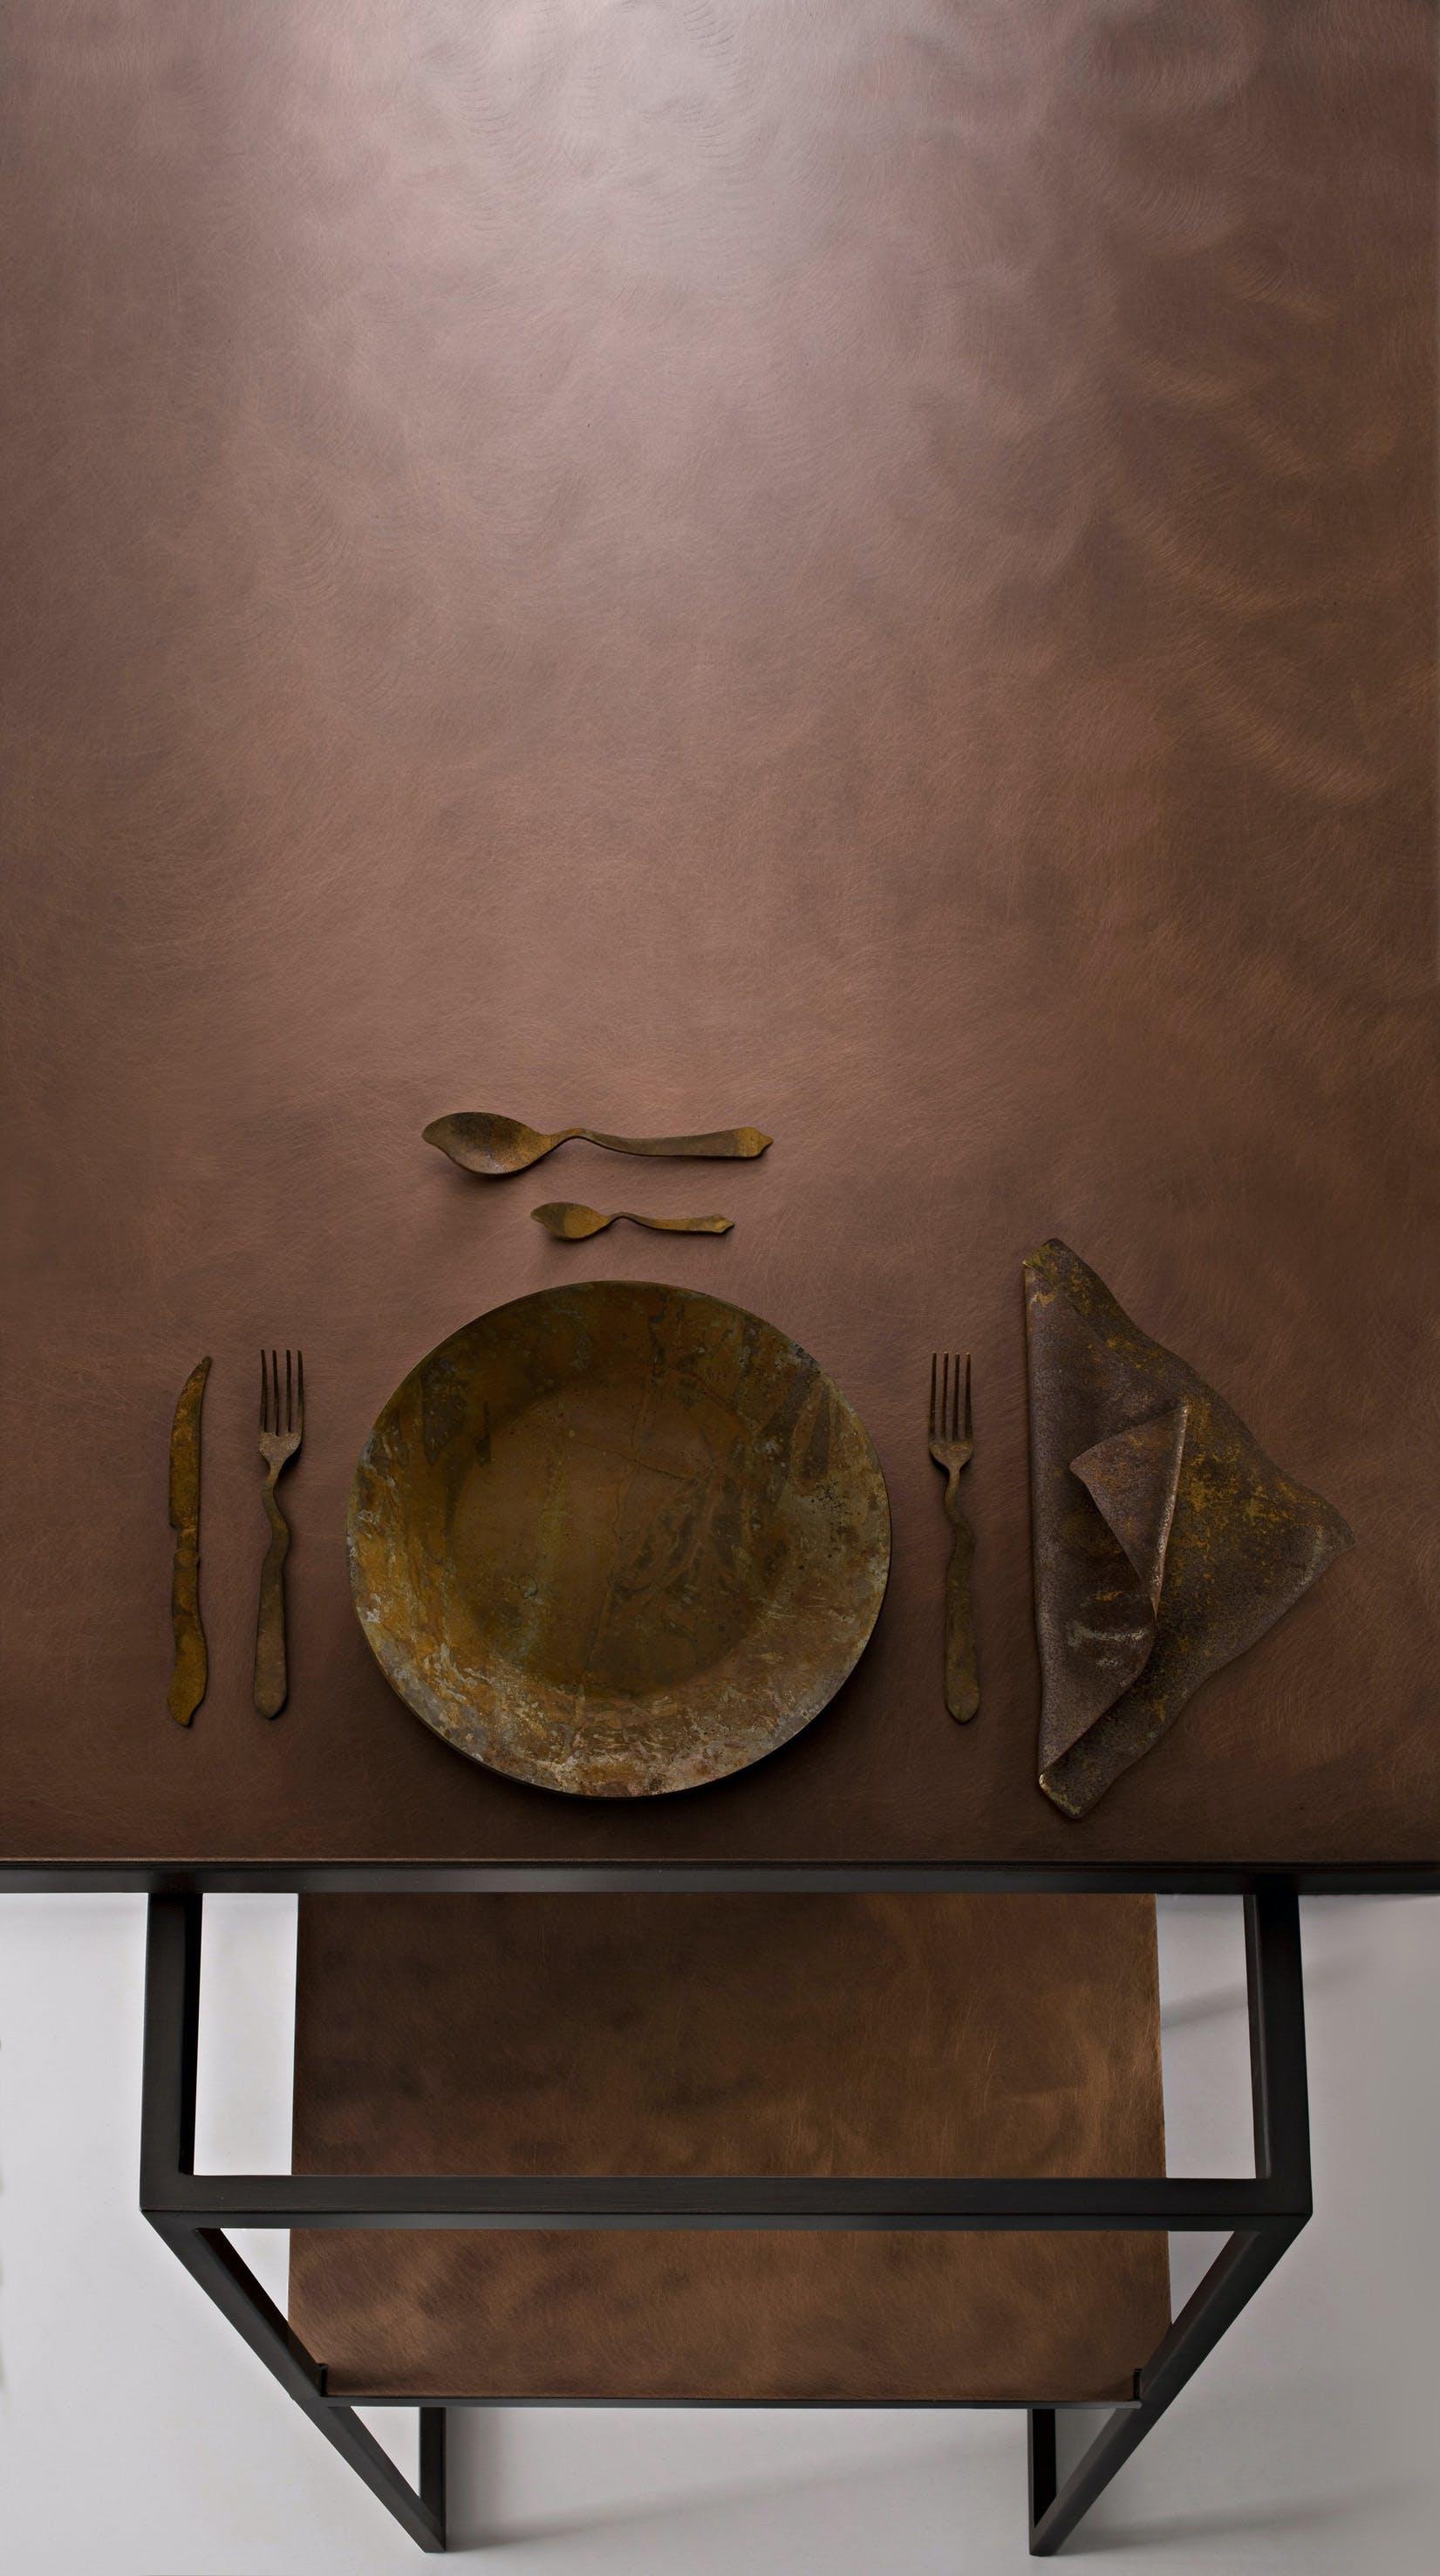 De Castelli Riveria Chair Table Top Haute Living